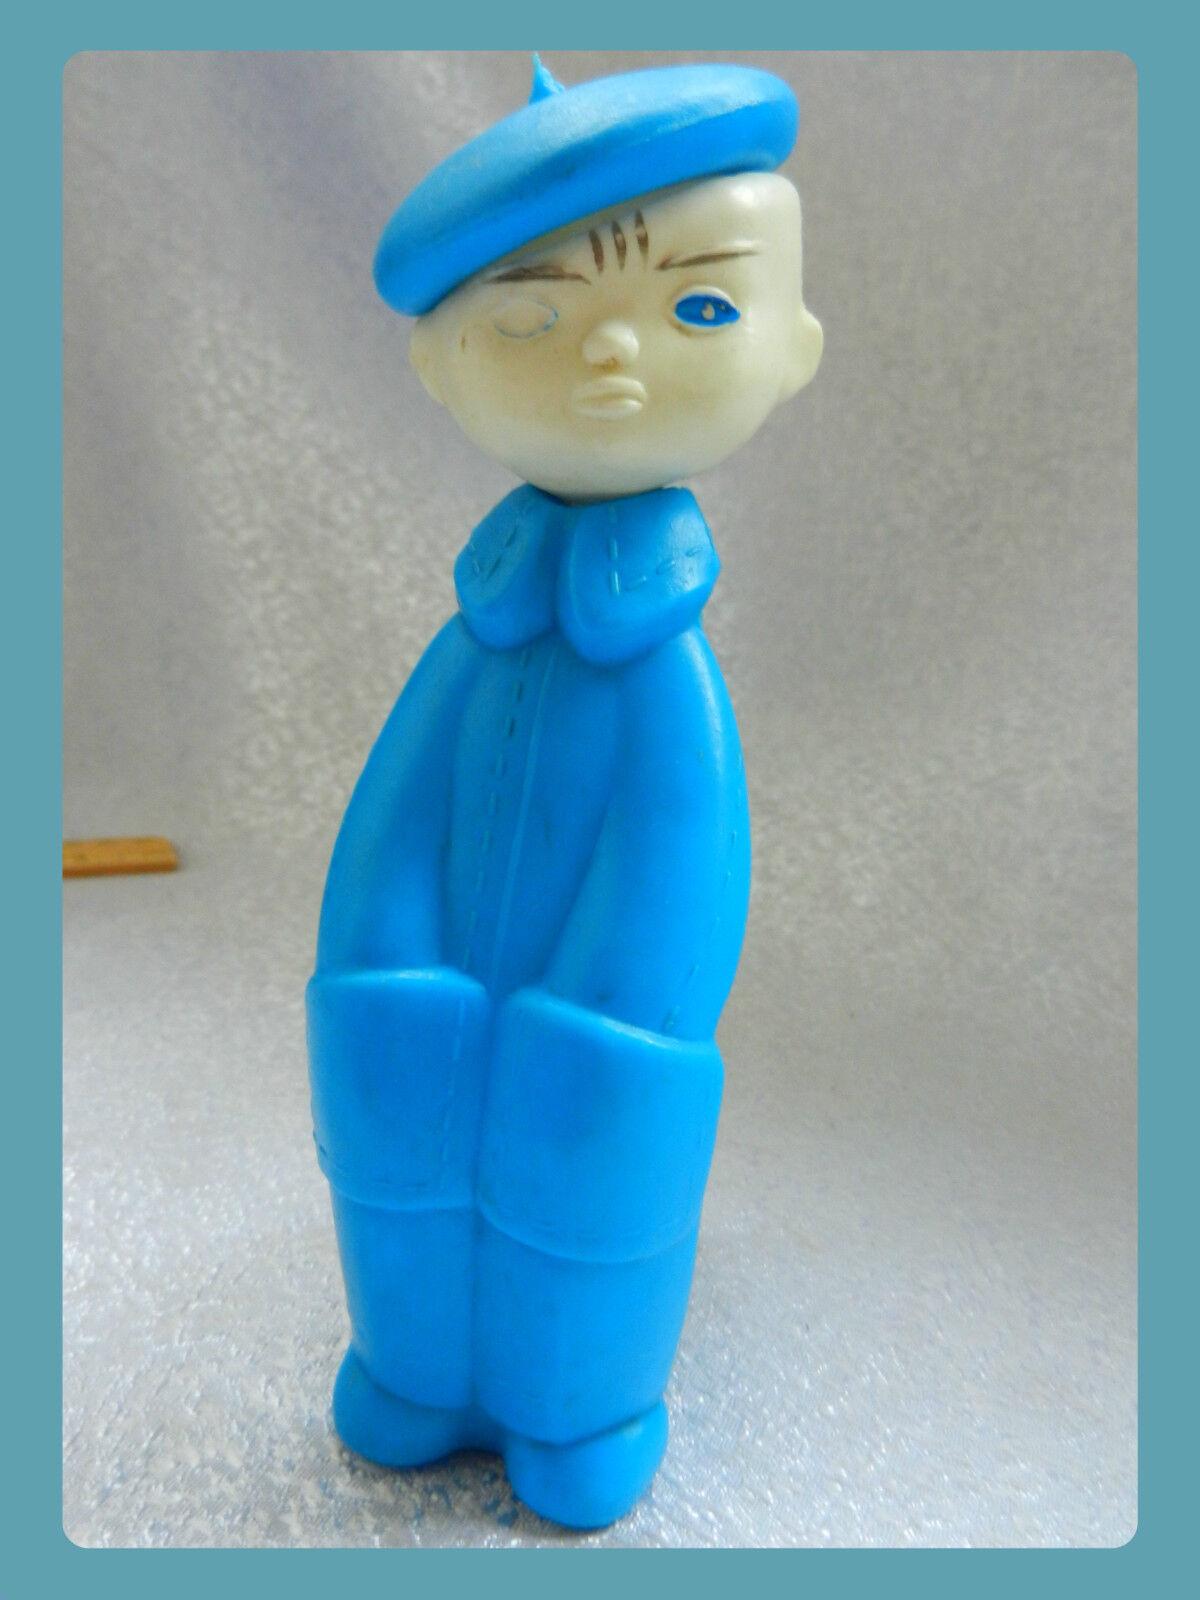 Mycket s ällsynt 1970 -talet VTG rysk sovjetisk författare leksak - pojke i en berest DOLL skulptur